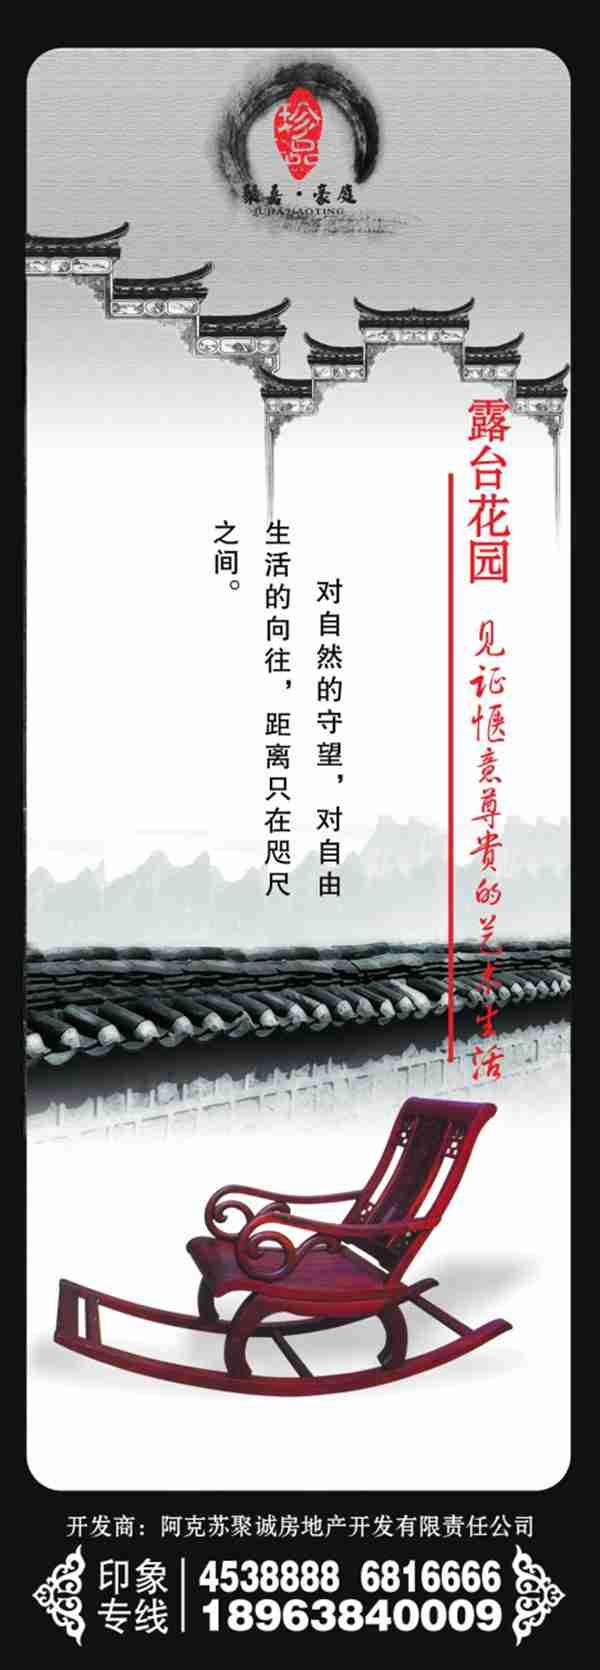 传统水墨房地产海报_WWW.66152.COM